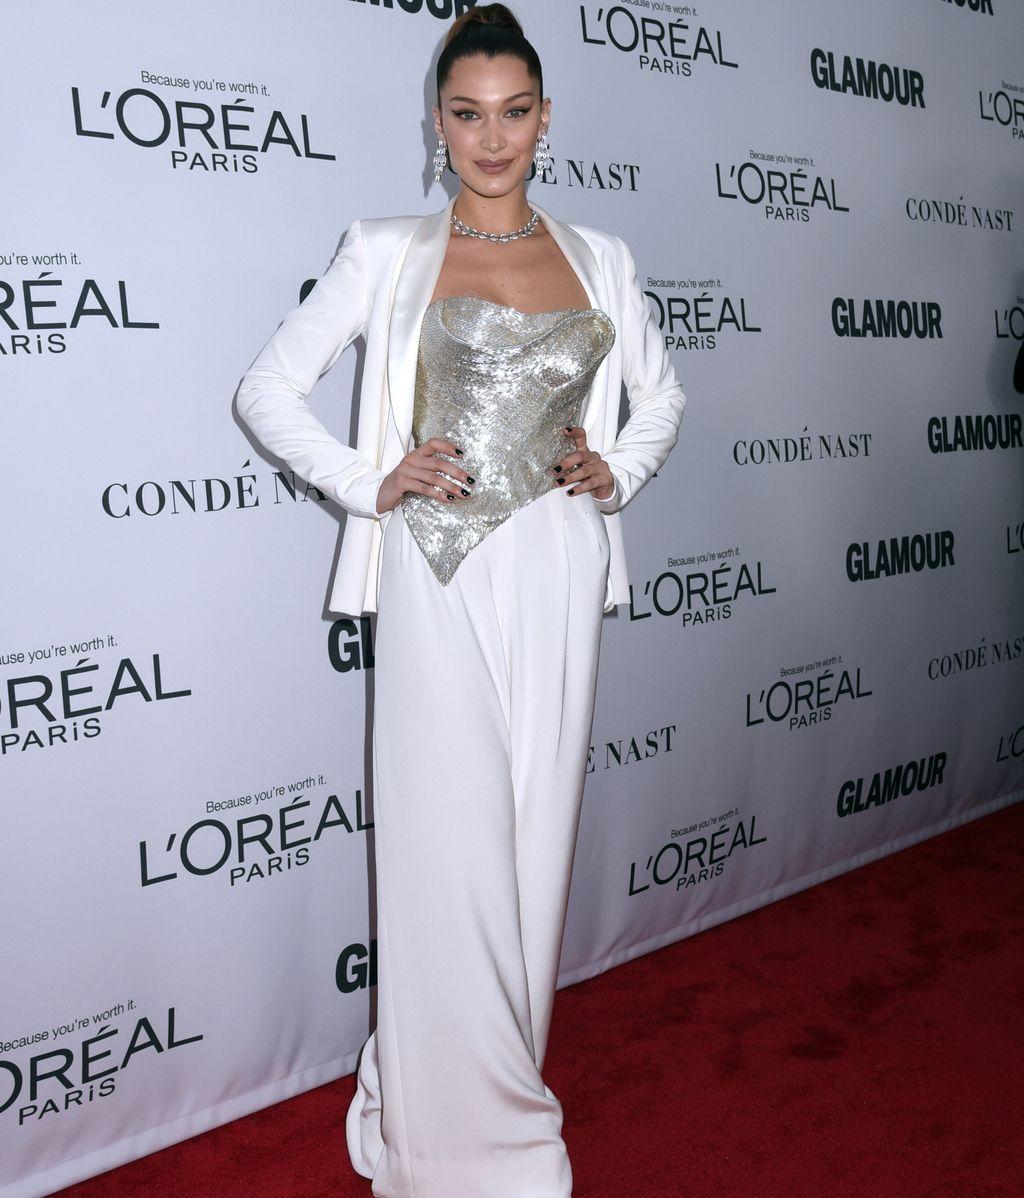 Bella Hadid arriesgó con un traje blanco de chaqueta y pantalón de Cristina Ottaviano